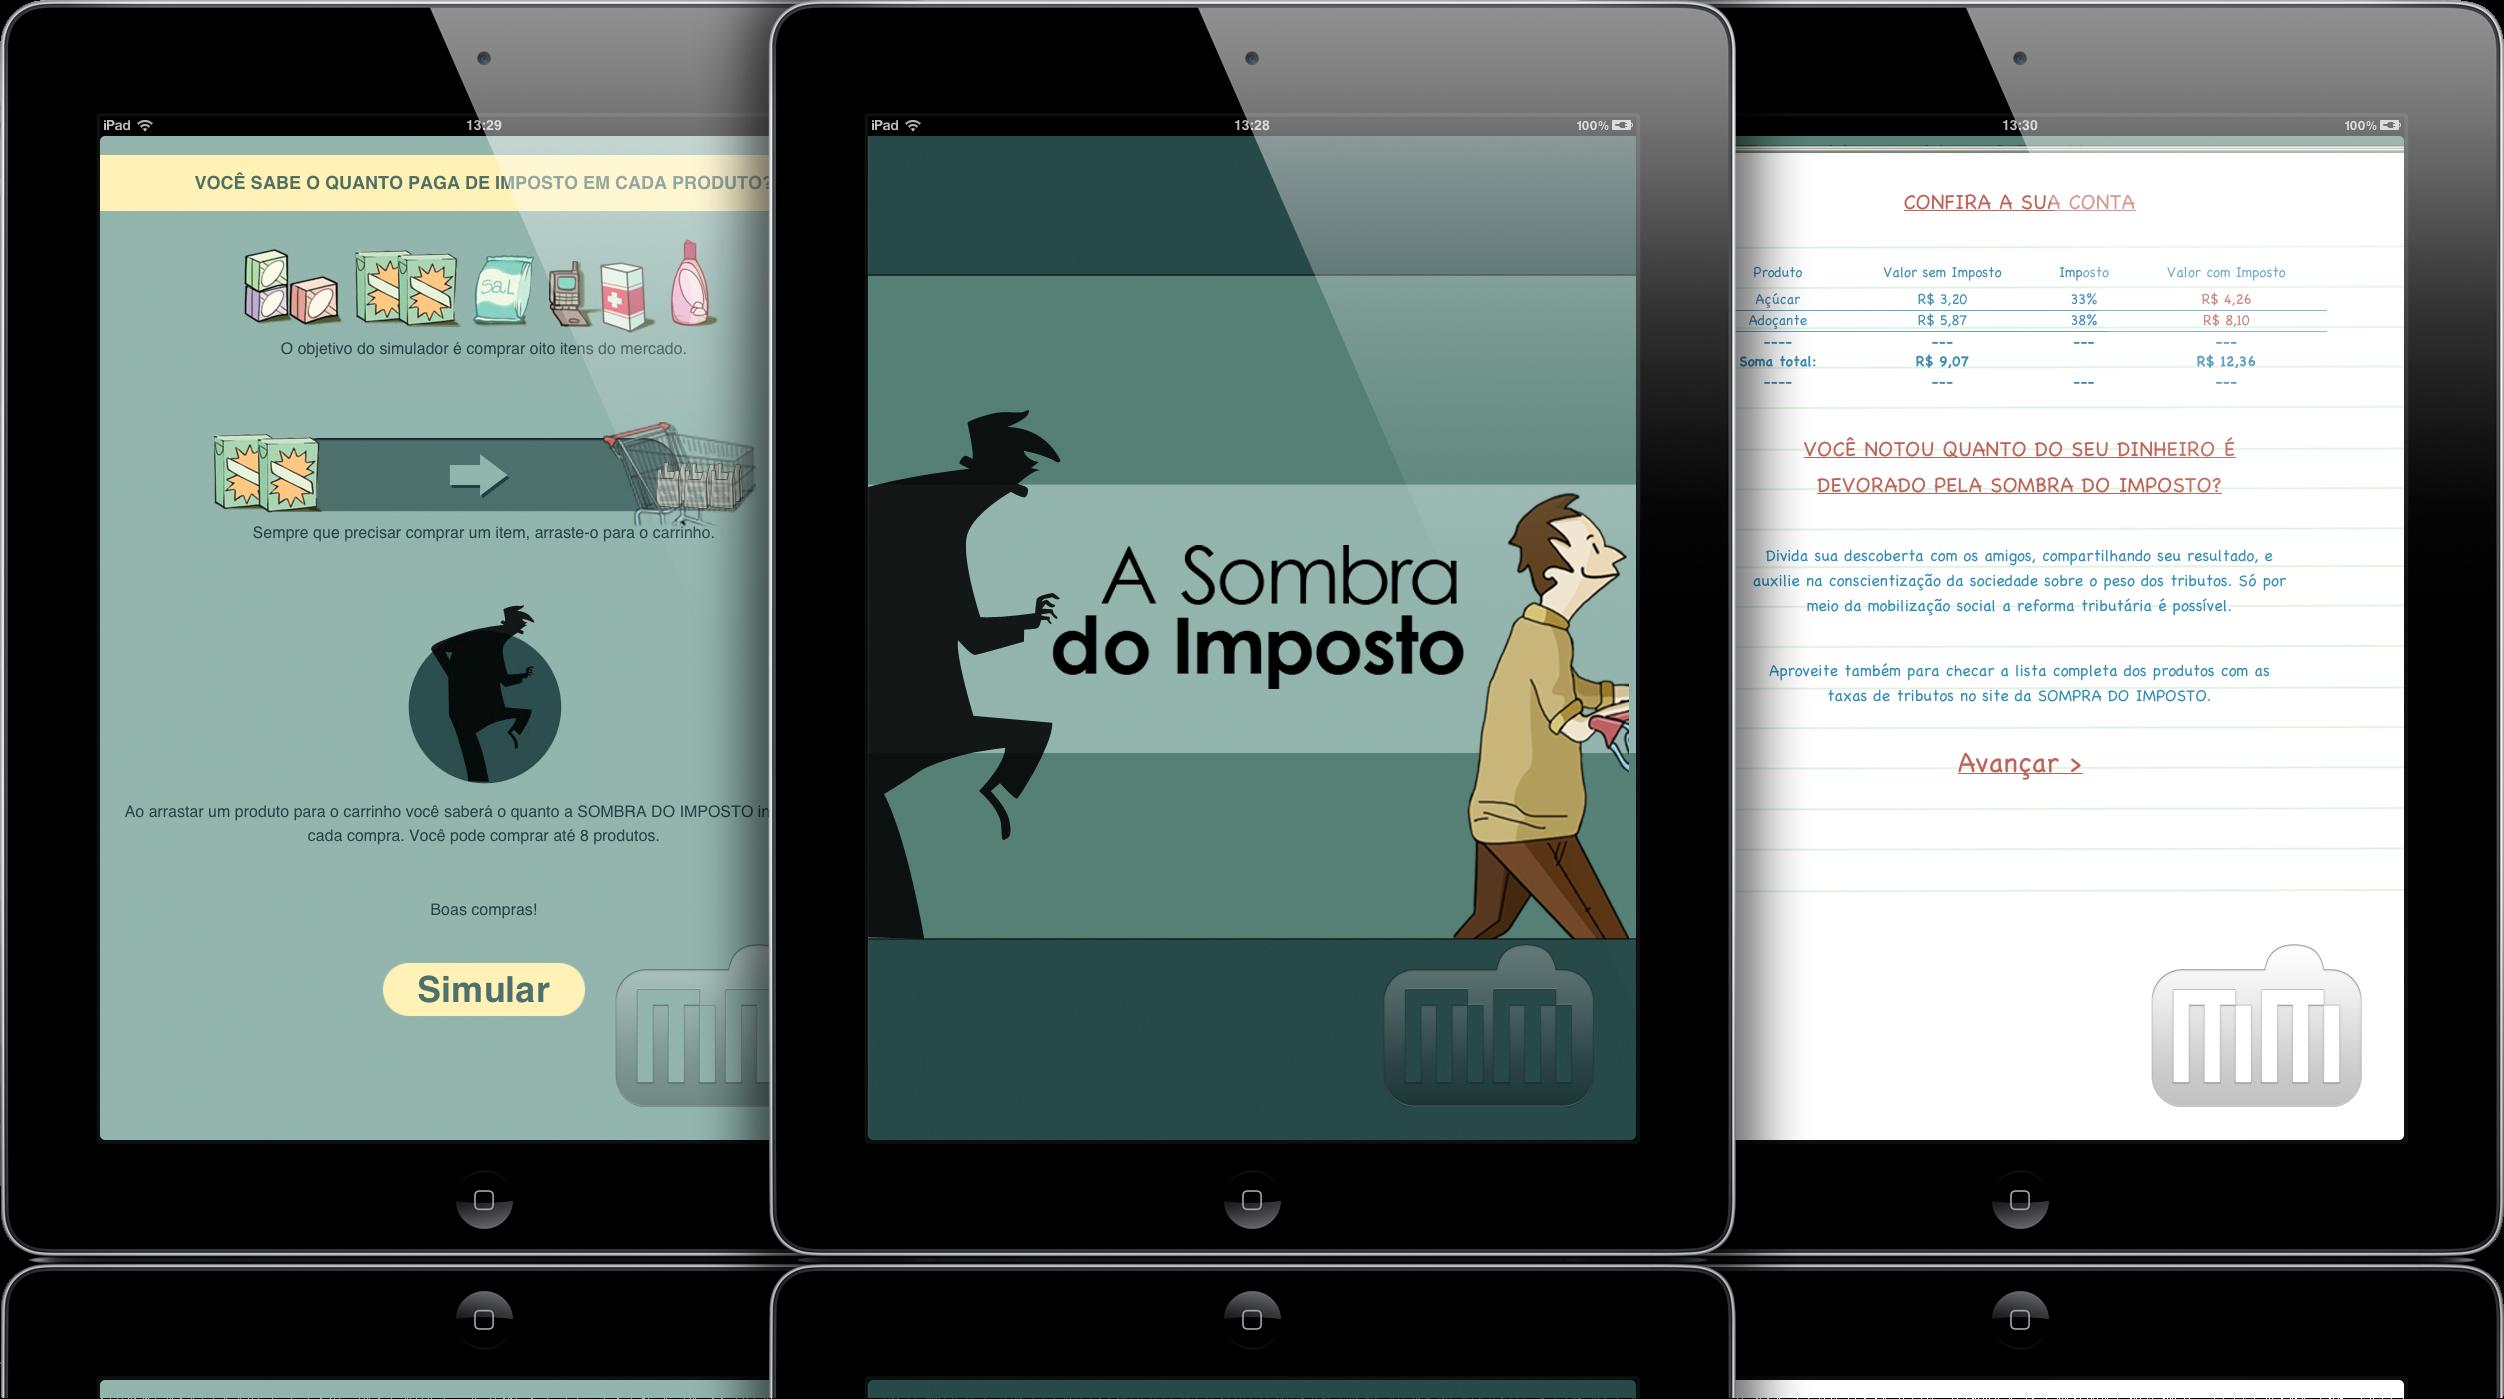 Sombra do Imposto - iPads